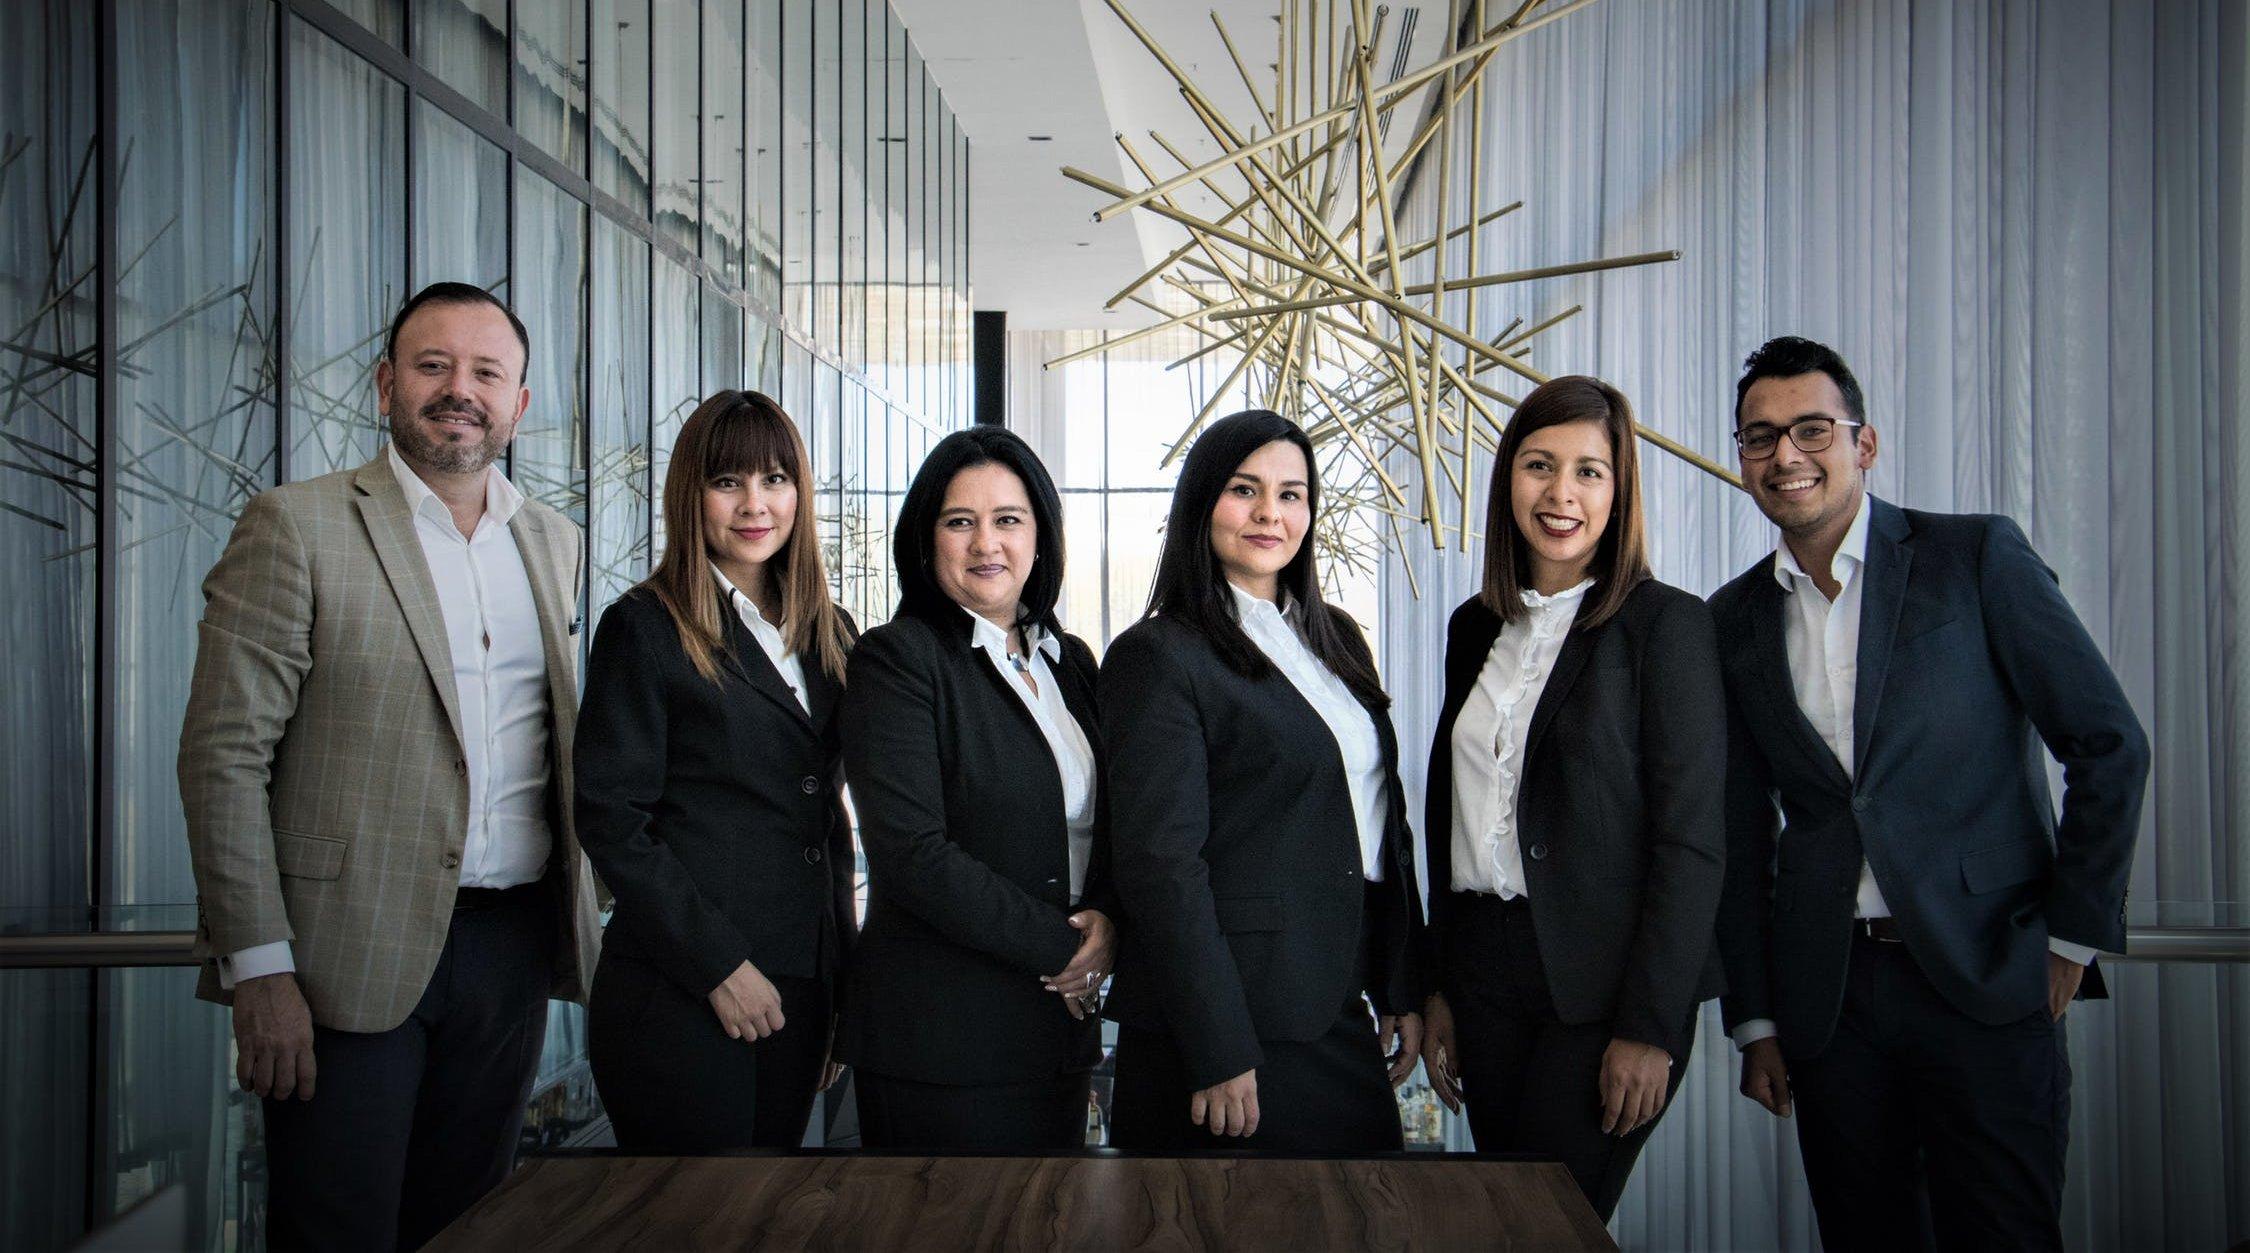 LinkedIn profielfoto - groepsfoto